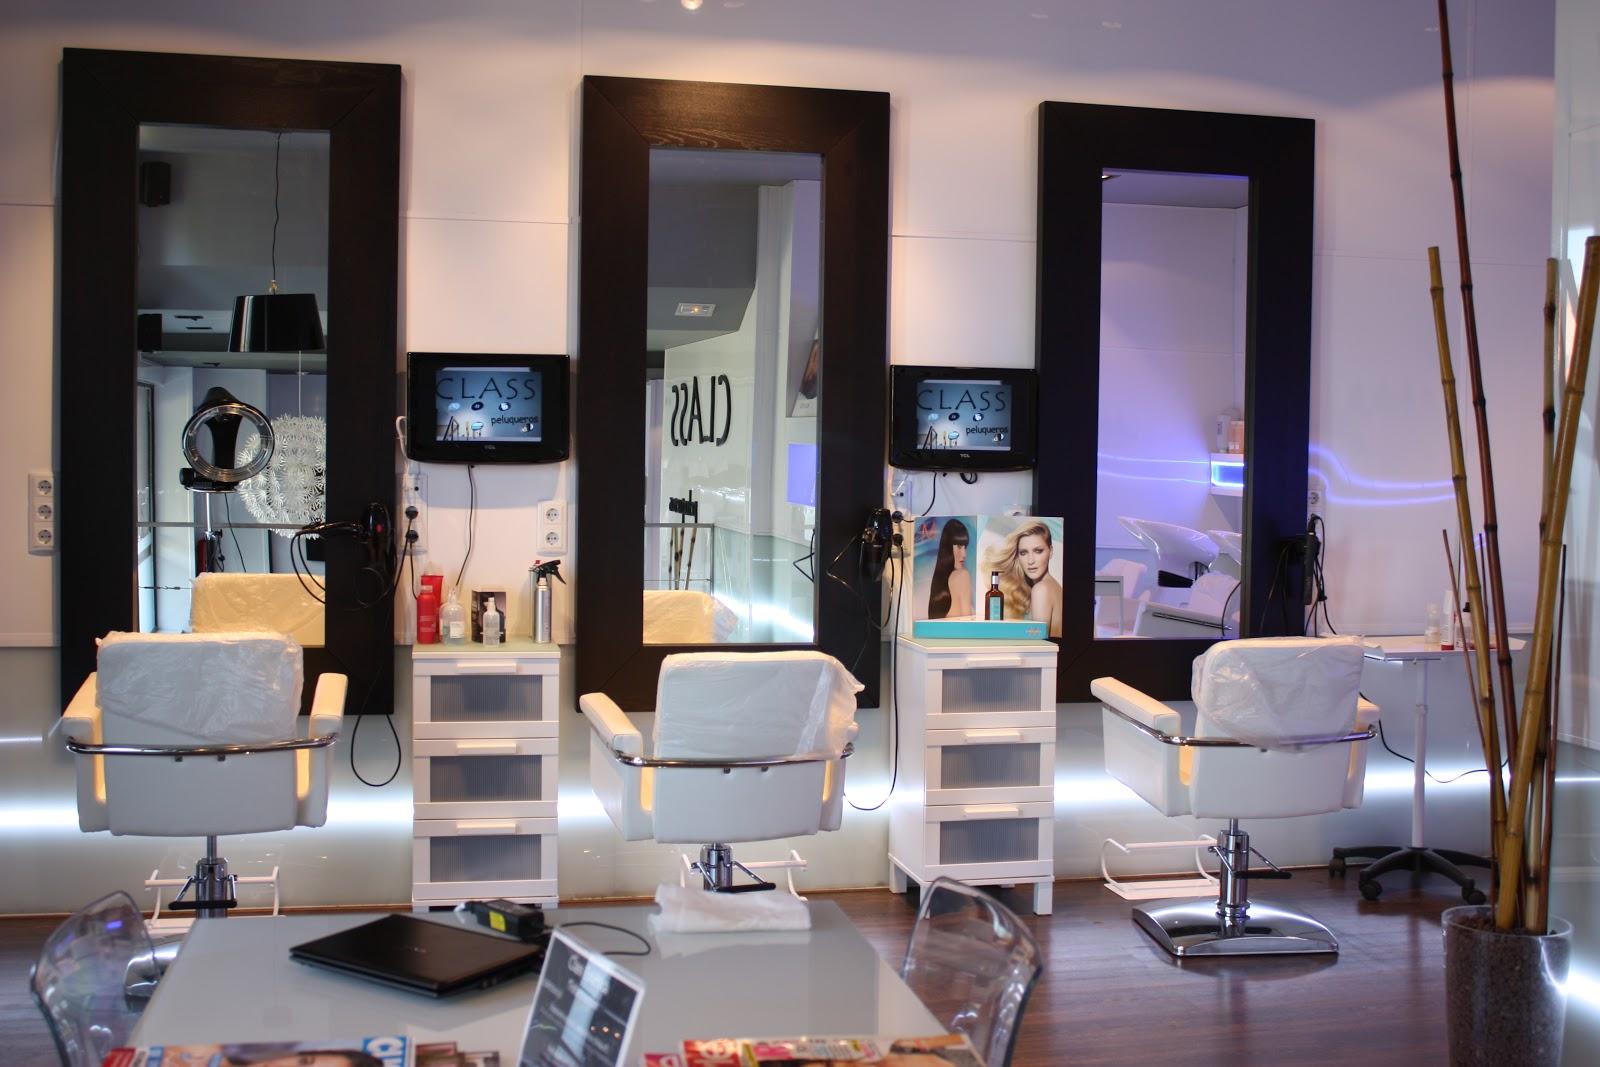 mobiliario y productos de peluquería y estética